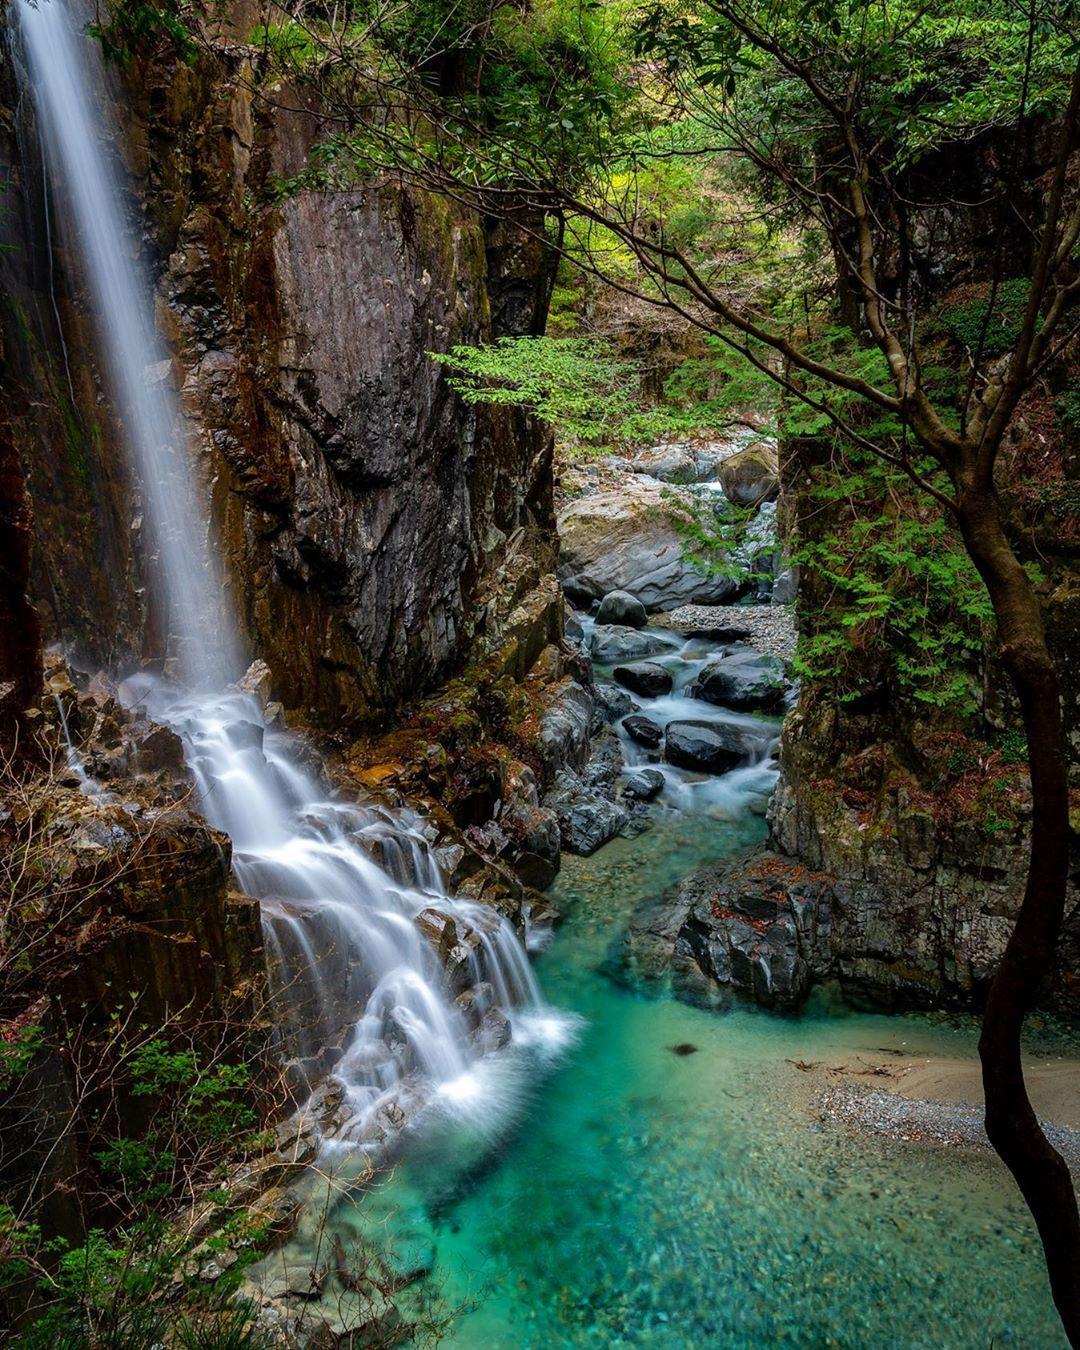 付知峡観音滝 忙しくなると写真を弄っている時間がありません Sony A7riii Lens Sel24105g 岐阜県中津川市 Date 2019 04 Sonyalpha S 付知 風景 写真